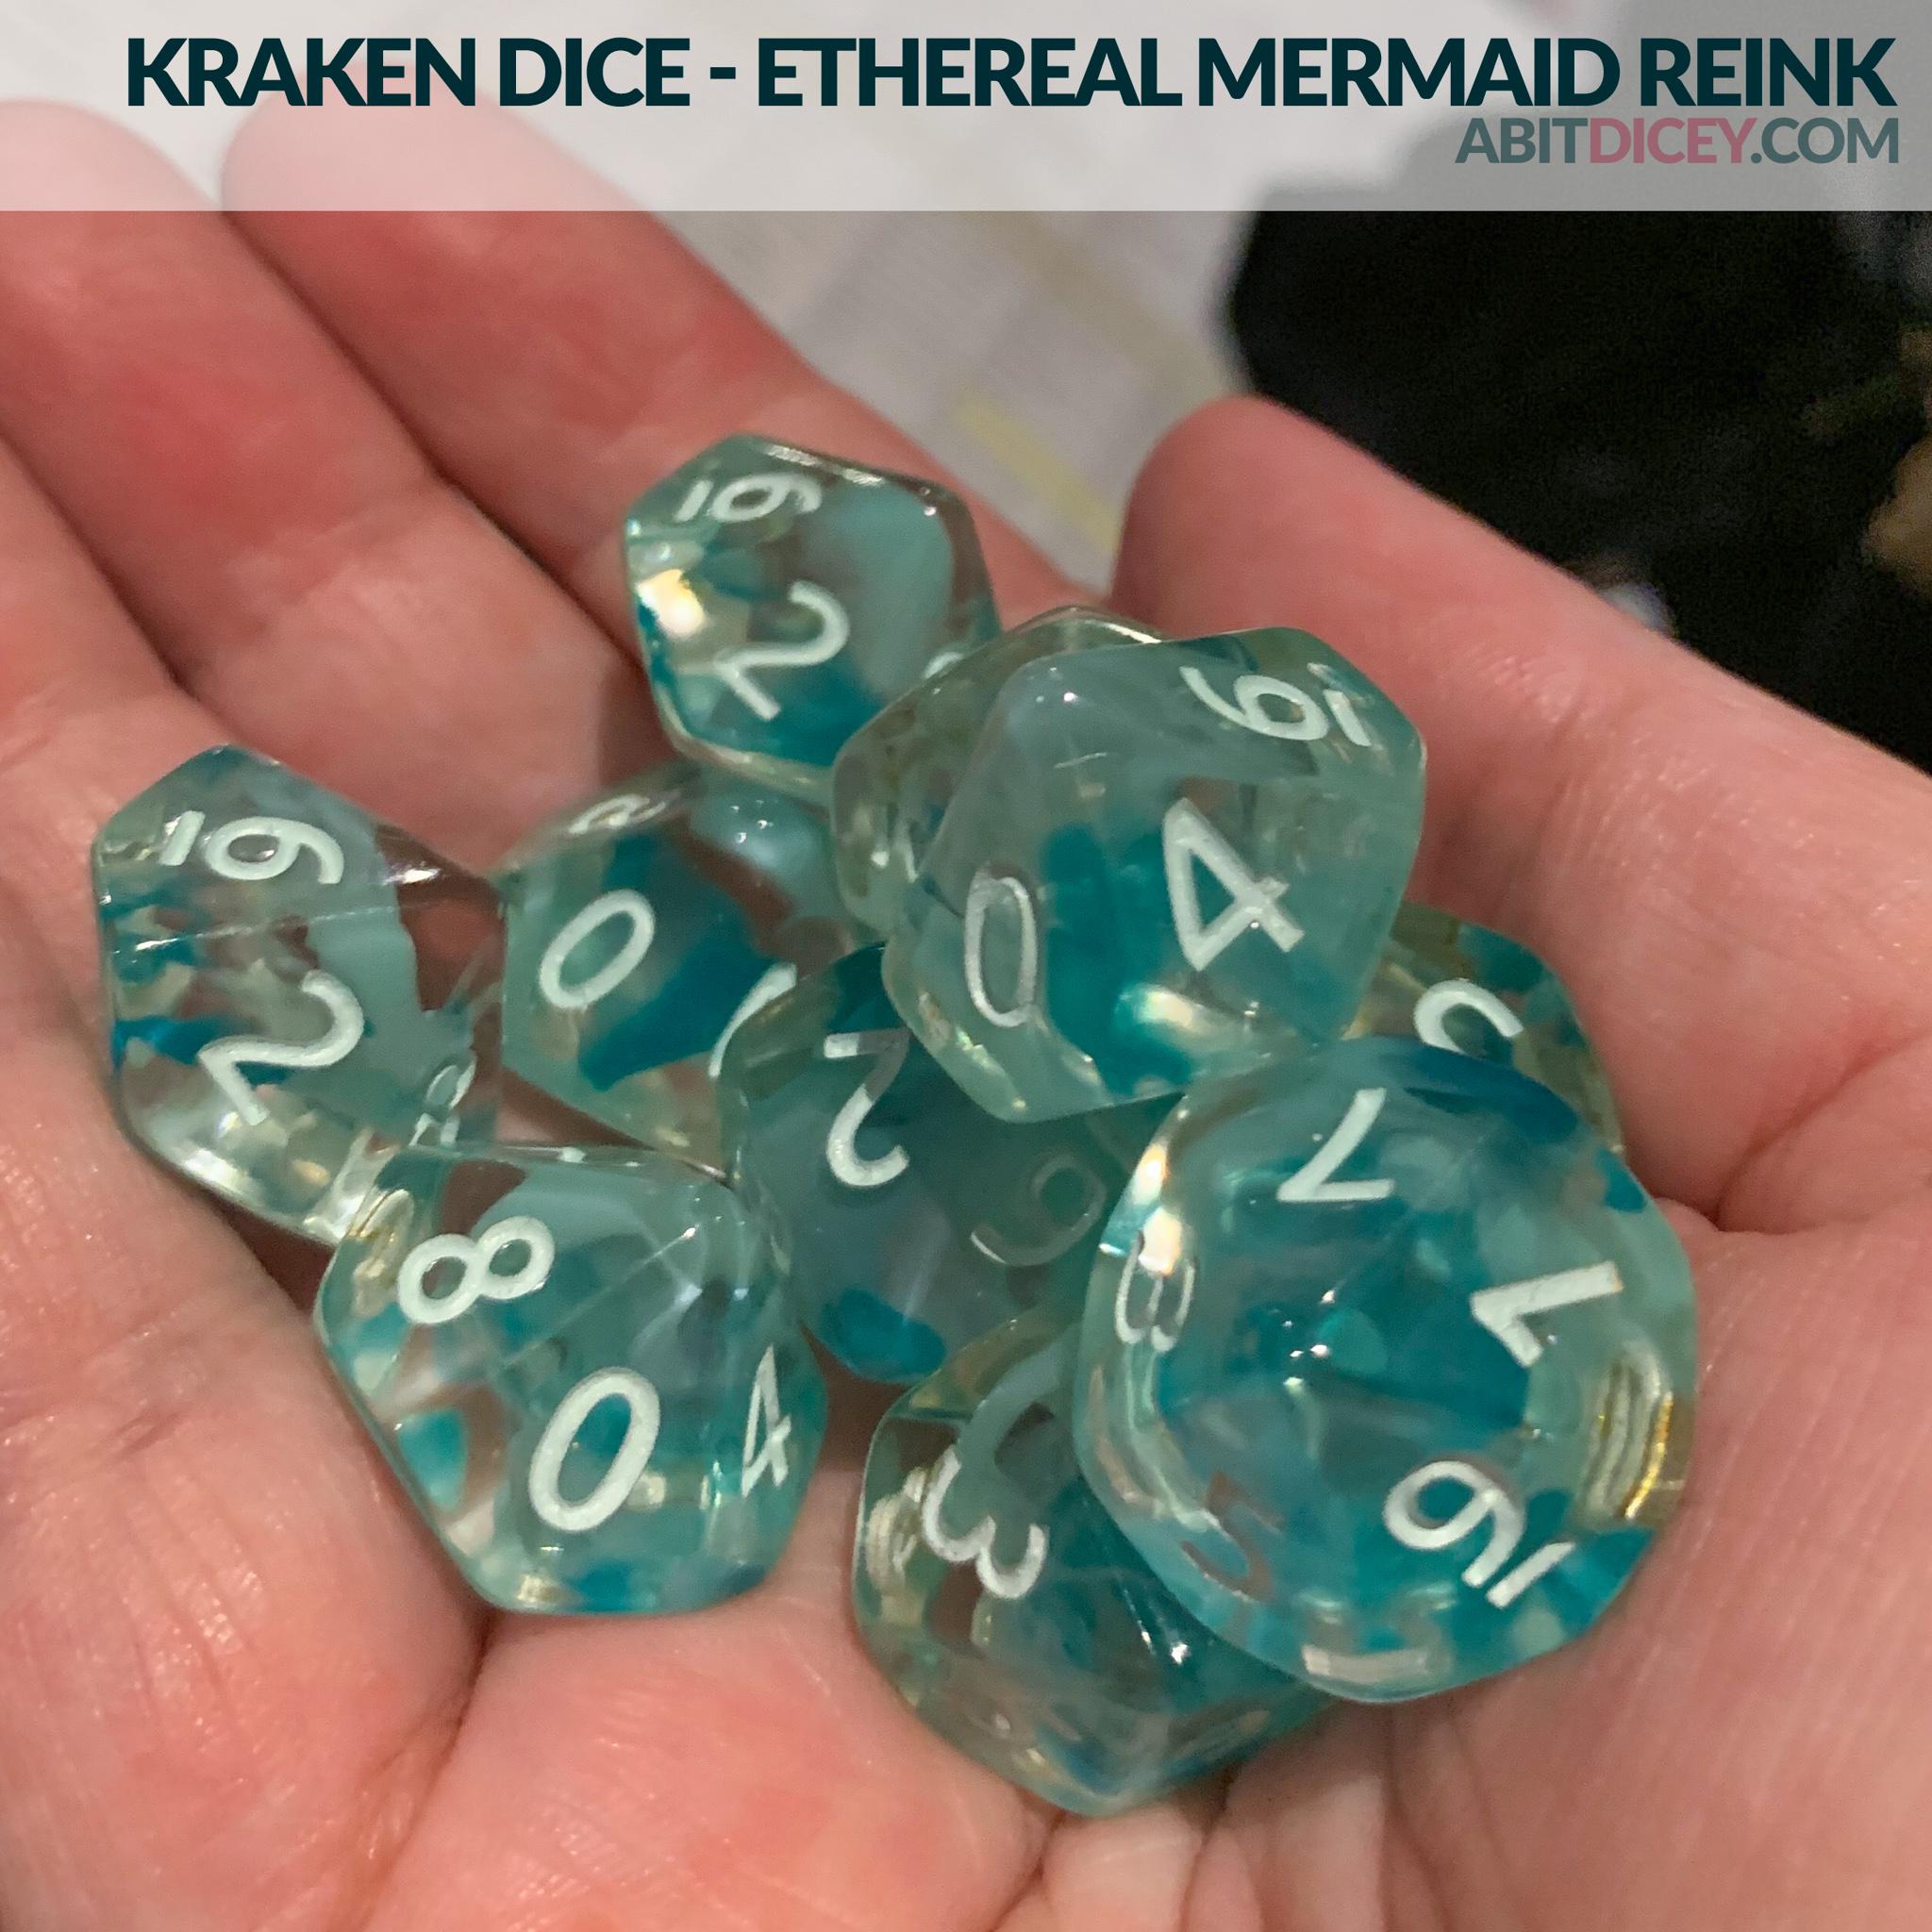 Kraken Dice - Ethereal Mermaid Reink